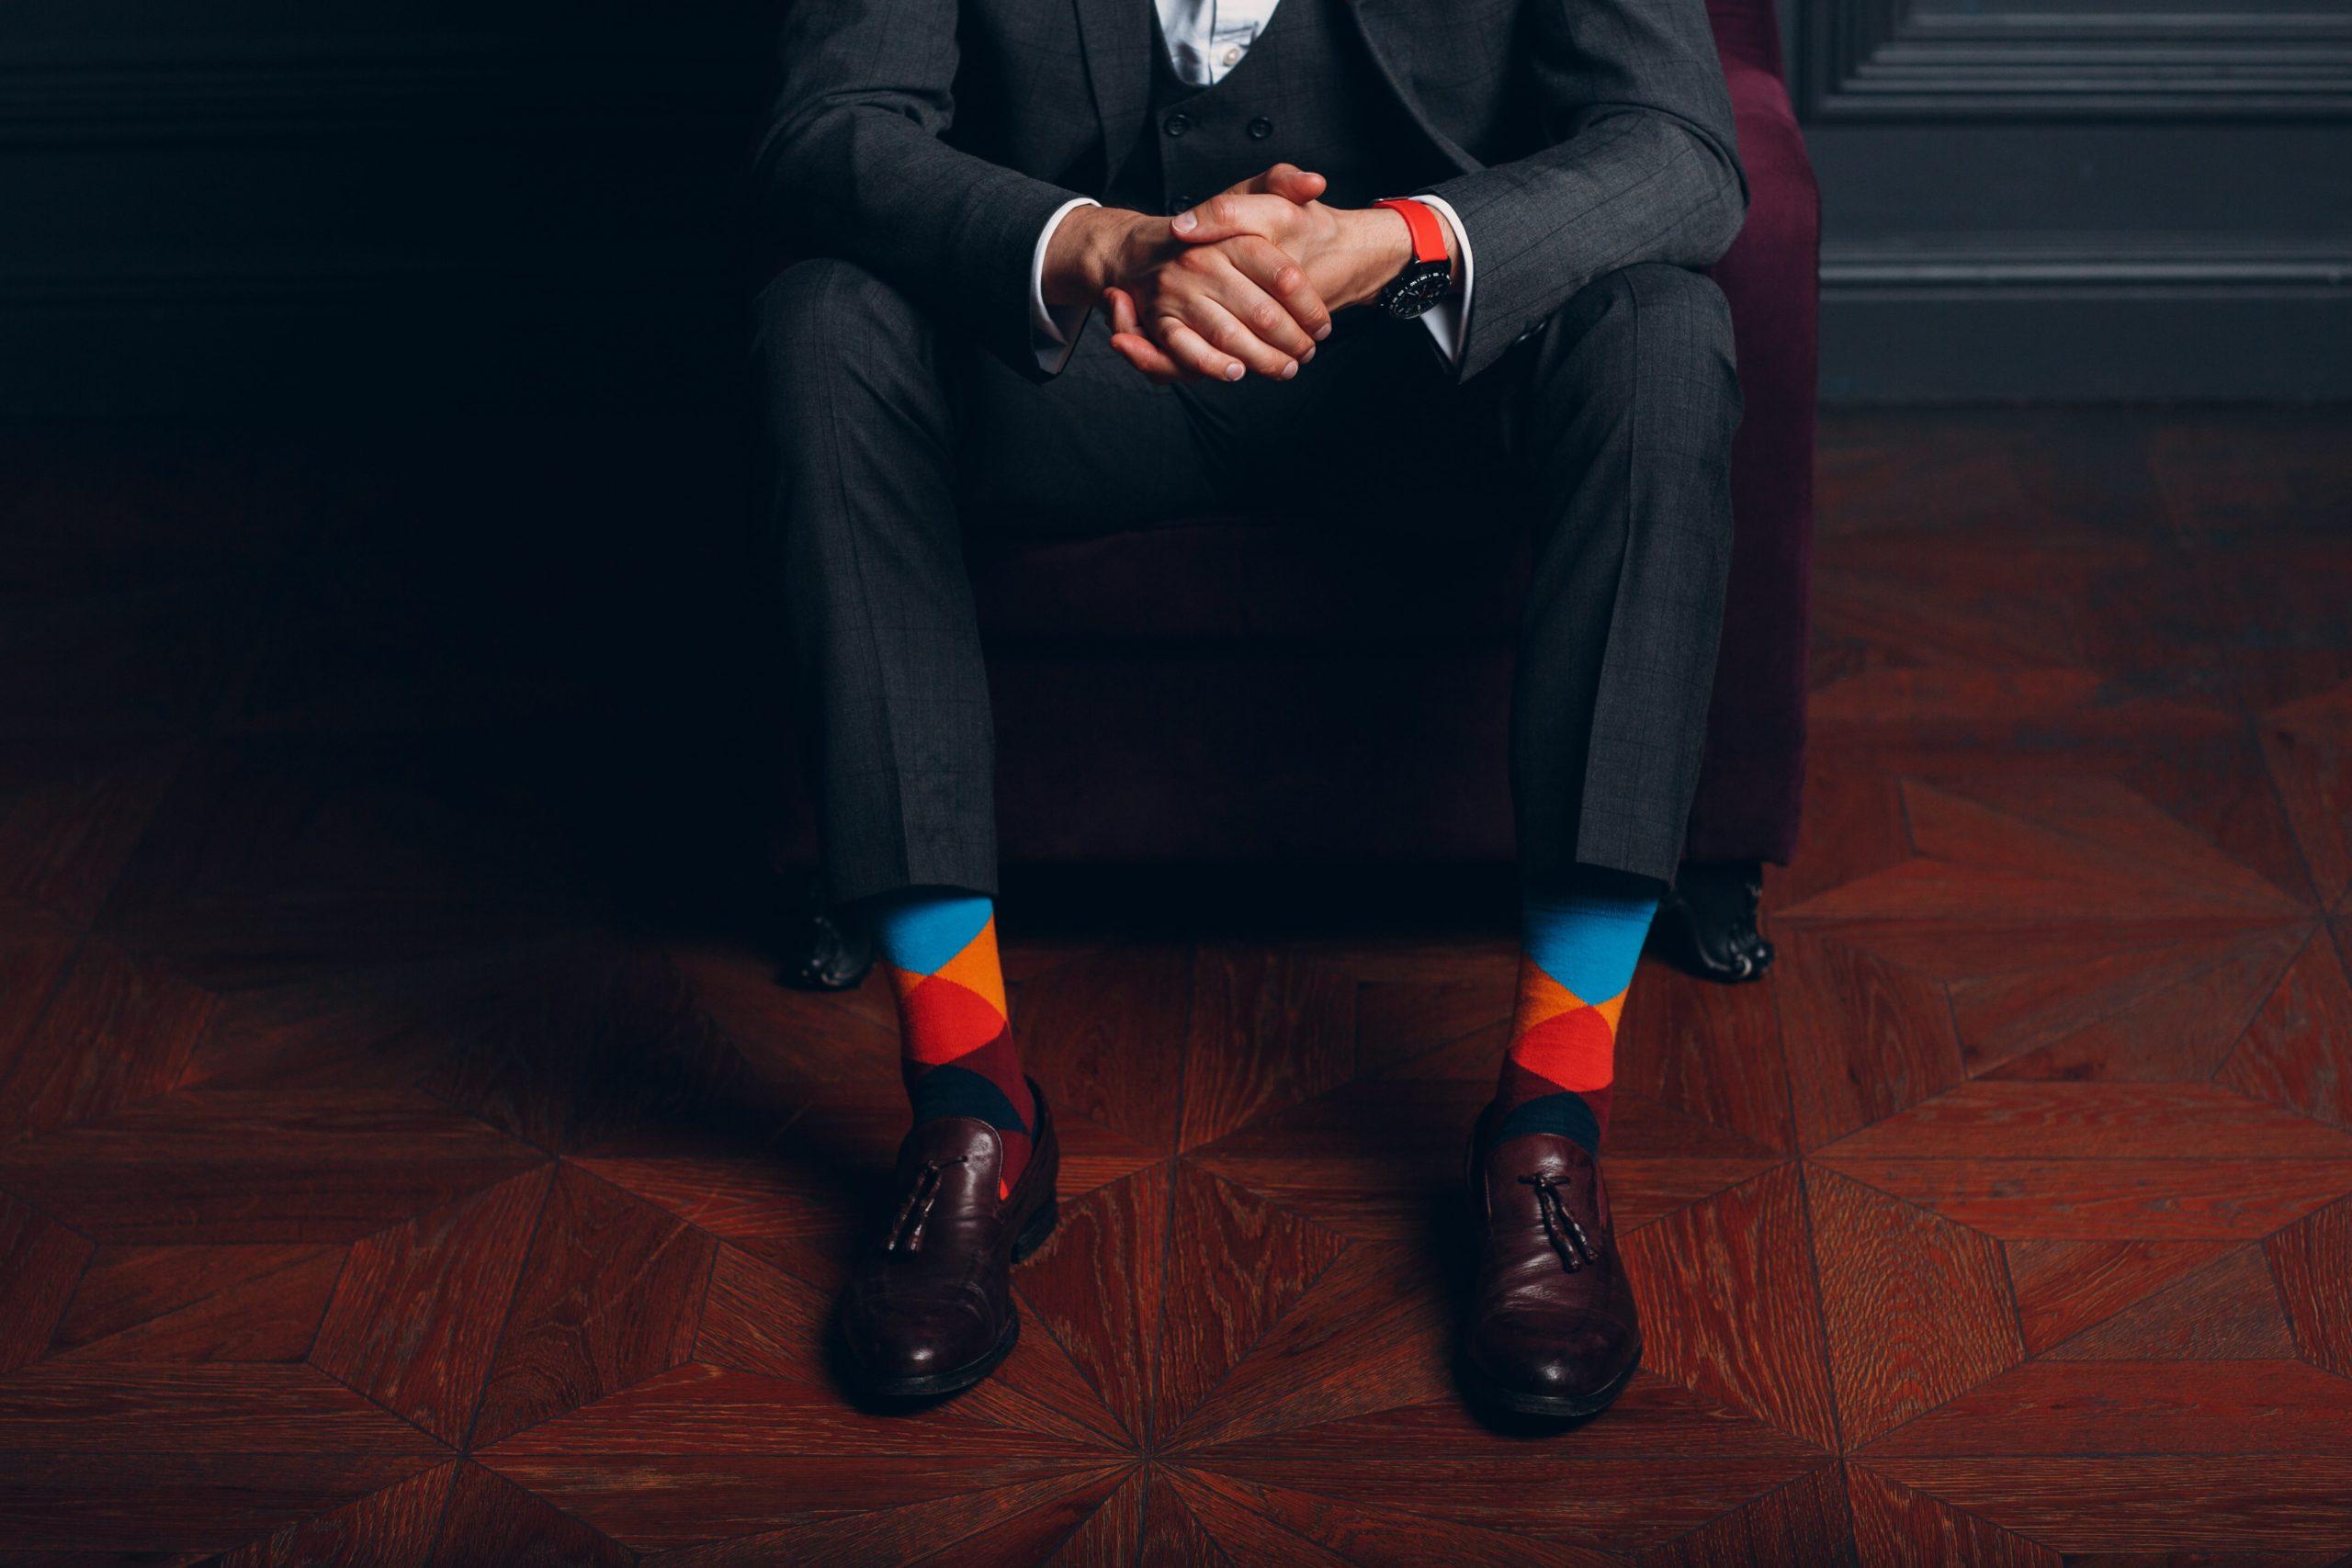 Czy biznesmen może nosić kolorowe skarpetki do garnituru? Odpowiada stylista